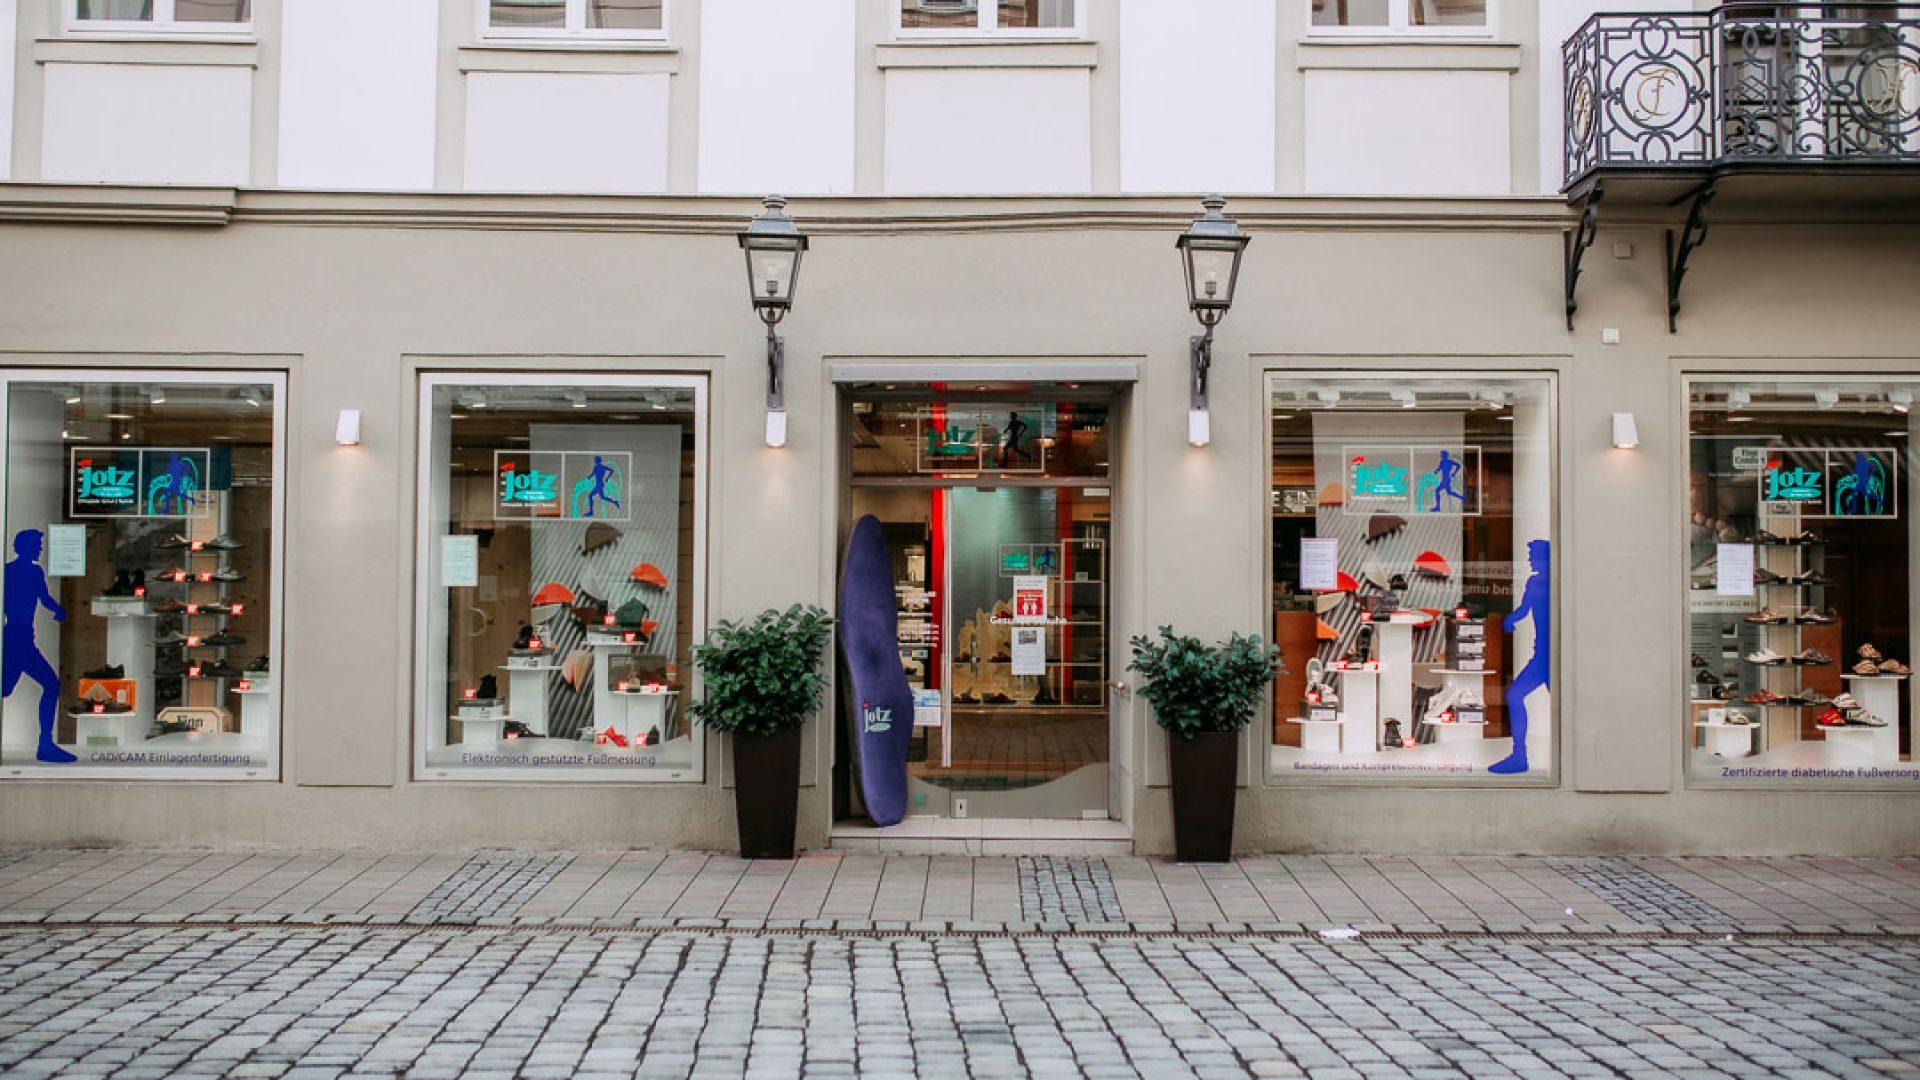 Einkaufen-in-Ansbach-Jotz